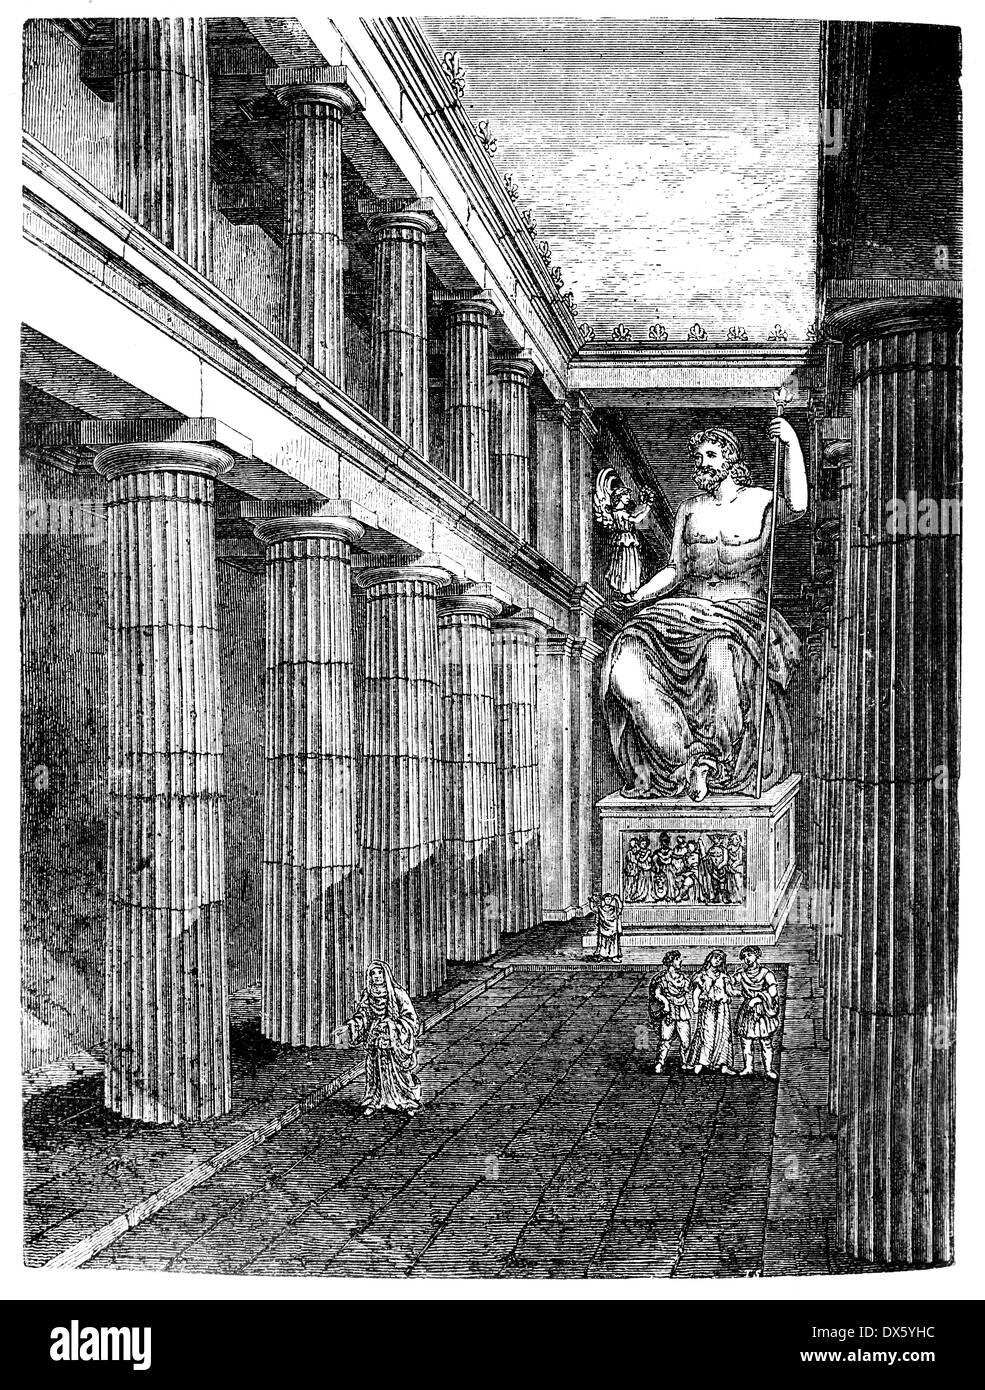 Zeus Architettura D Interni.Interno Del Tempio Di Zeus Olympia Grecia Illustrazione Dal Libro